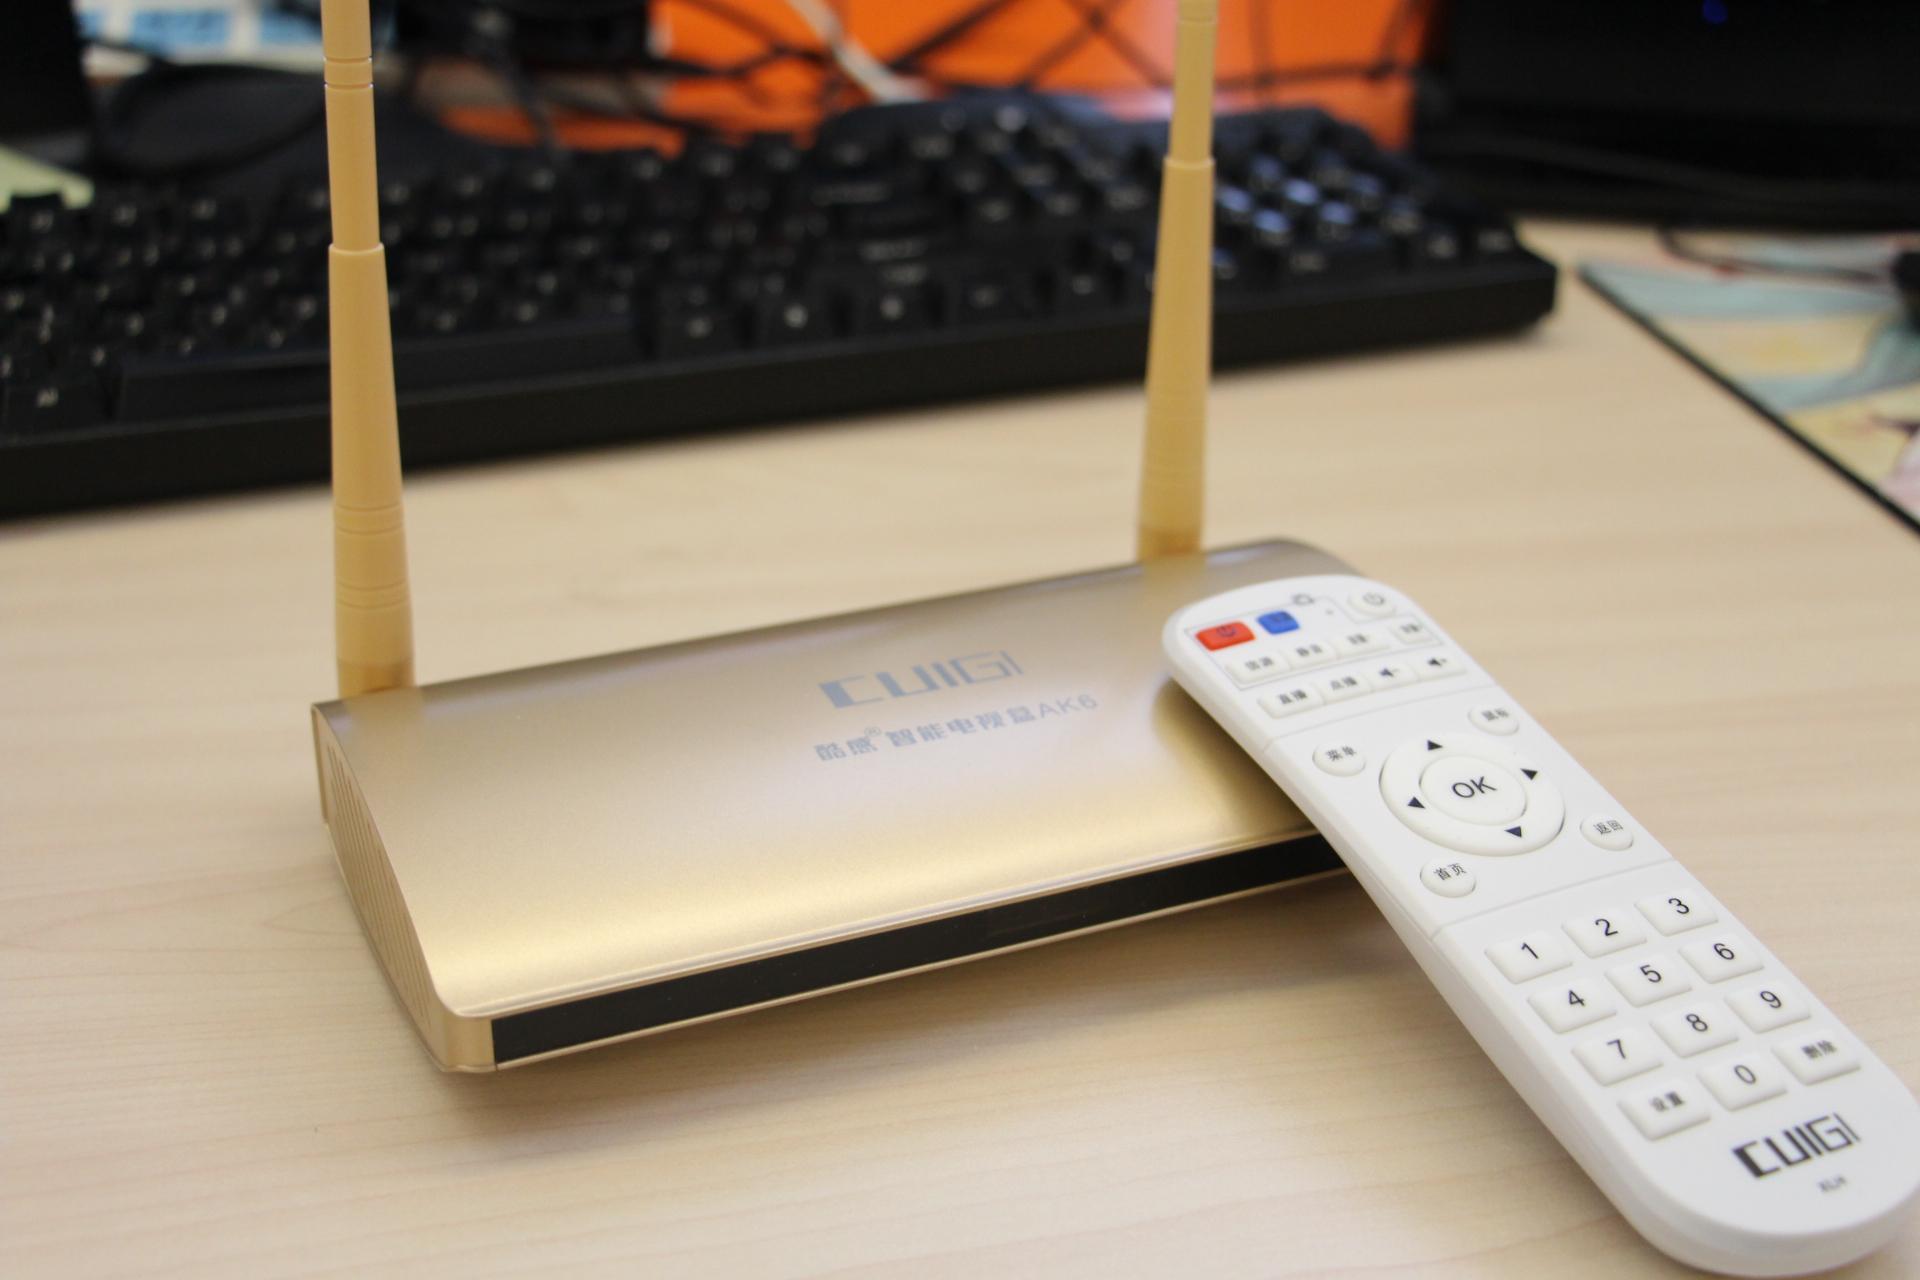 【沙发测评组】小众却简单好用的智能电视盒子:酷感AK6